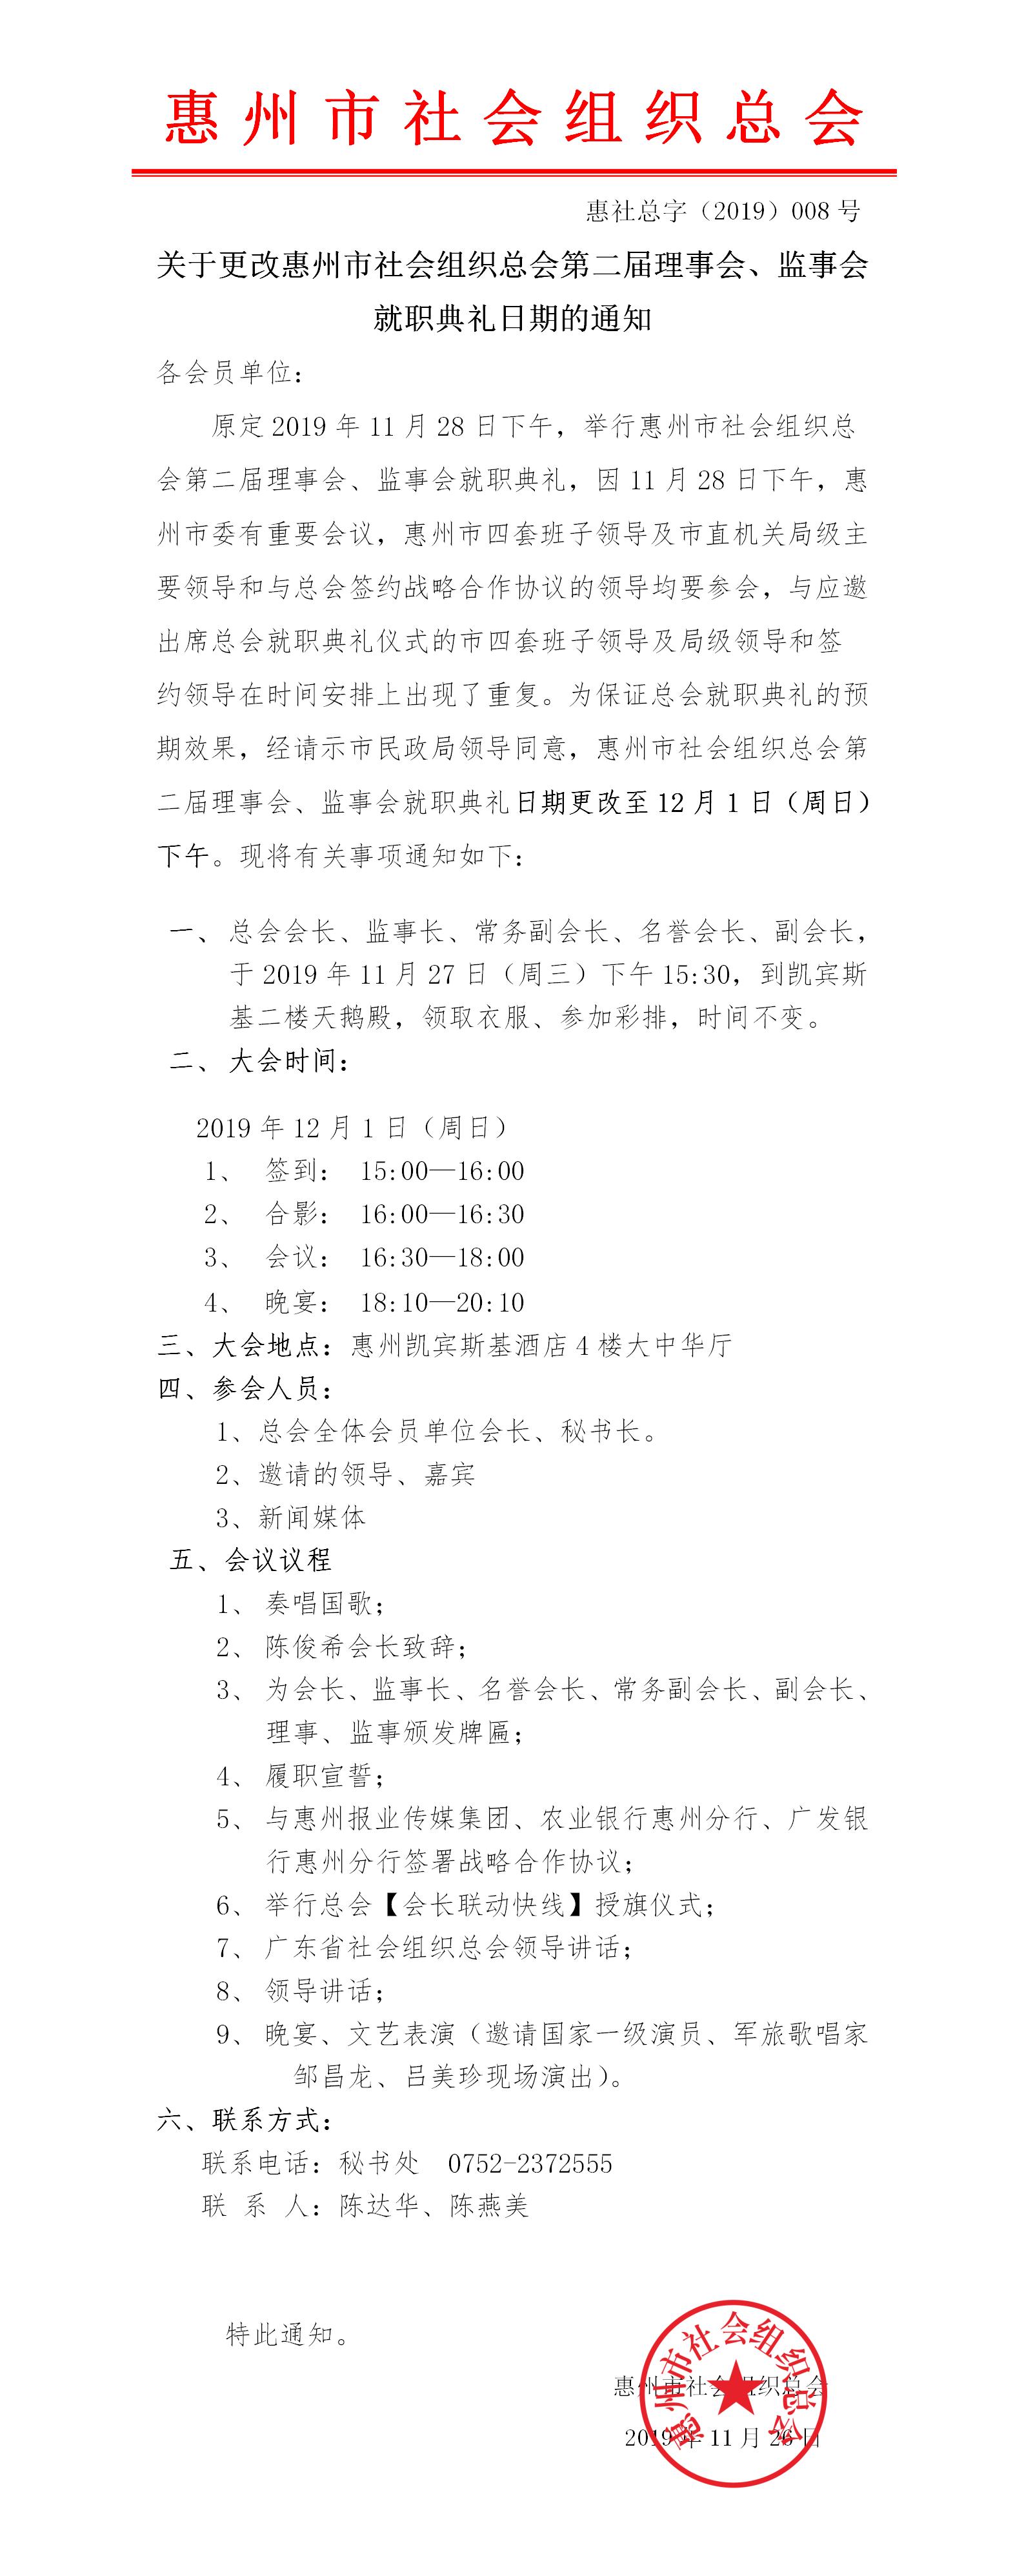 关于更改惠州市社会组织总会第二届理事会、监事会就职典礼日期的通知(1).png